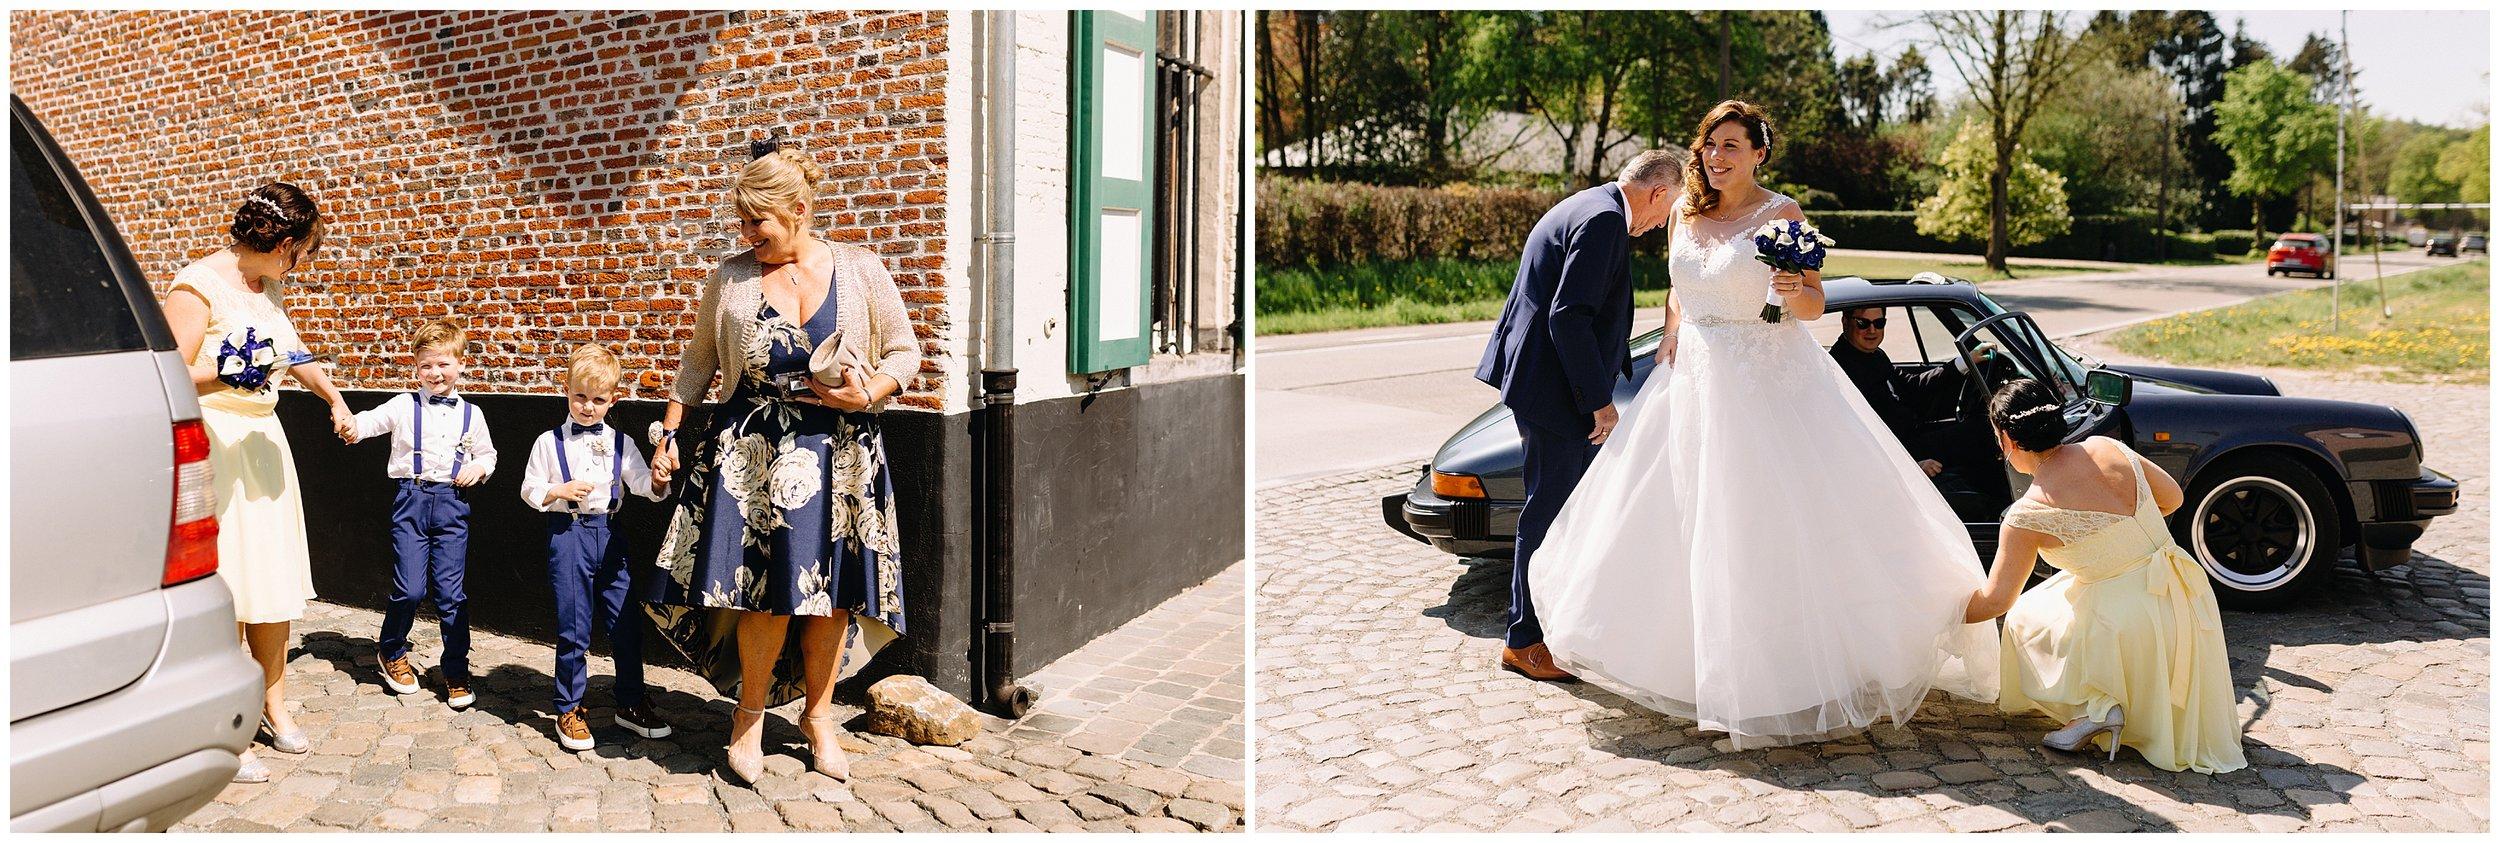 huwelijk-emma-rik-herentals-prinsenhof-herenthout-internationaal_0016.jpg